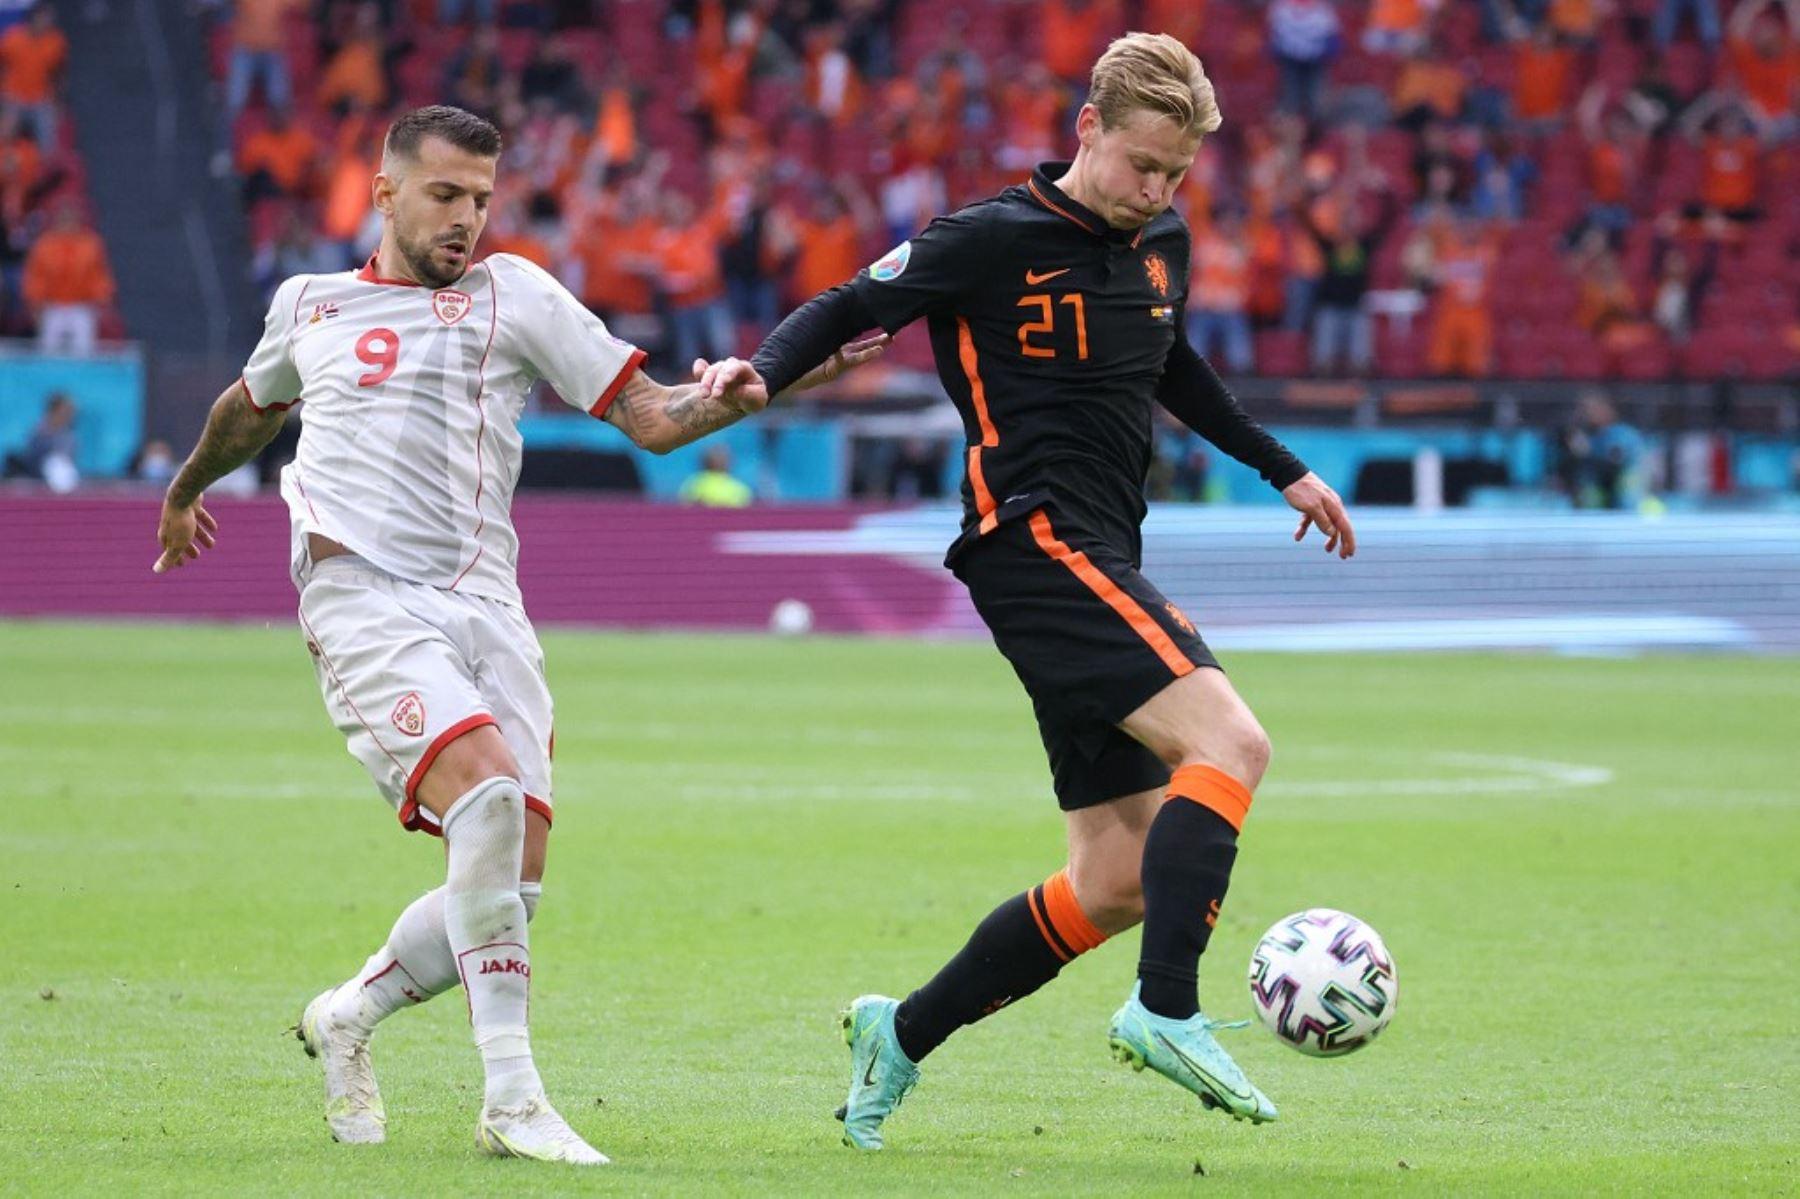 El delantero de Macedonia del Norte, Aleksandar Trajkovski, compite con el centrocampista holandés Frenkie de Jong (R) durante el partido de fútbol del Grupo C de la UEFA EURO 2020 entre Macedonia del Norte y Holanda en el Johan Cruyff Arena de Ámsterdam el 21 de junio de 2021. Foto: AFP